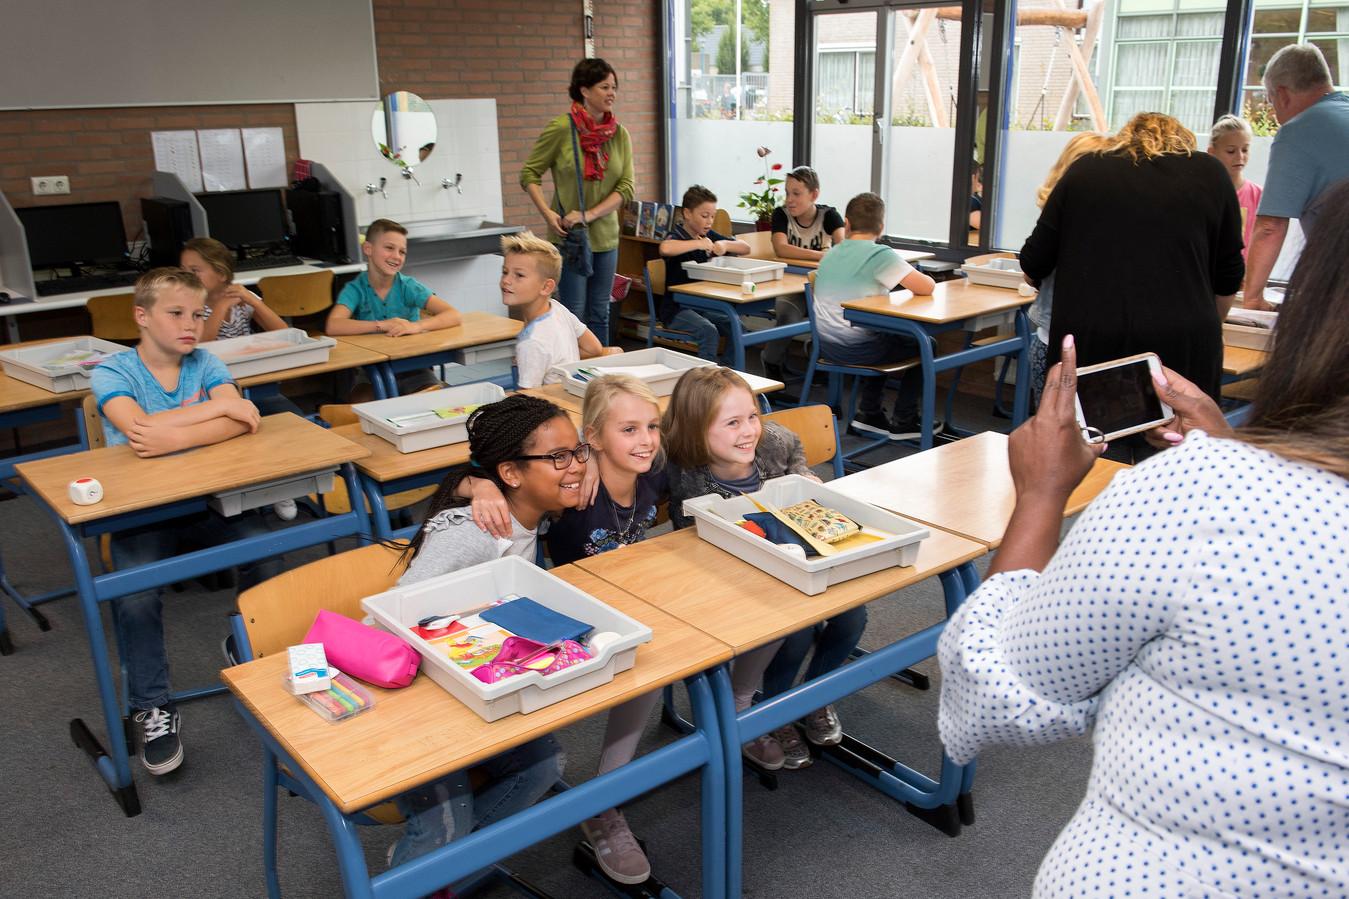 De eerste schooldag van Het Kompas in Kesteren.